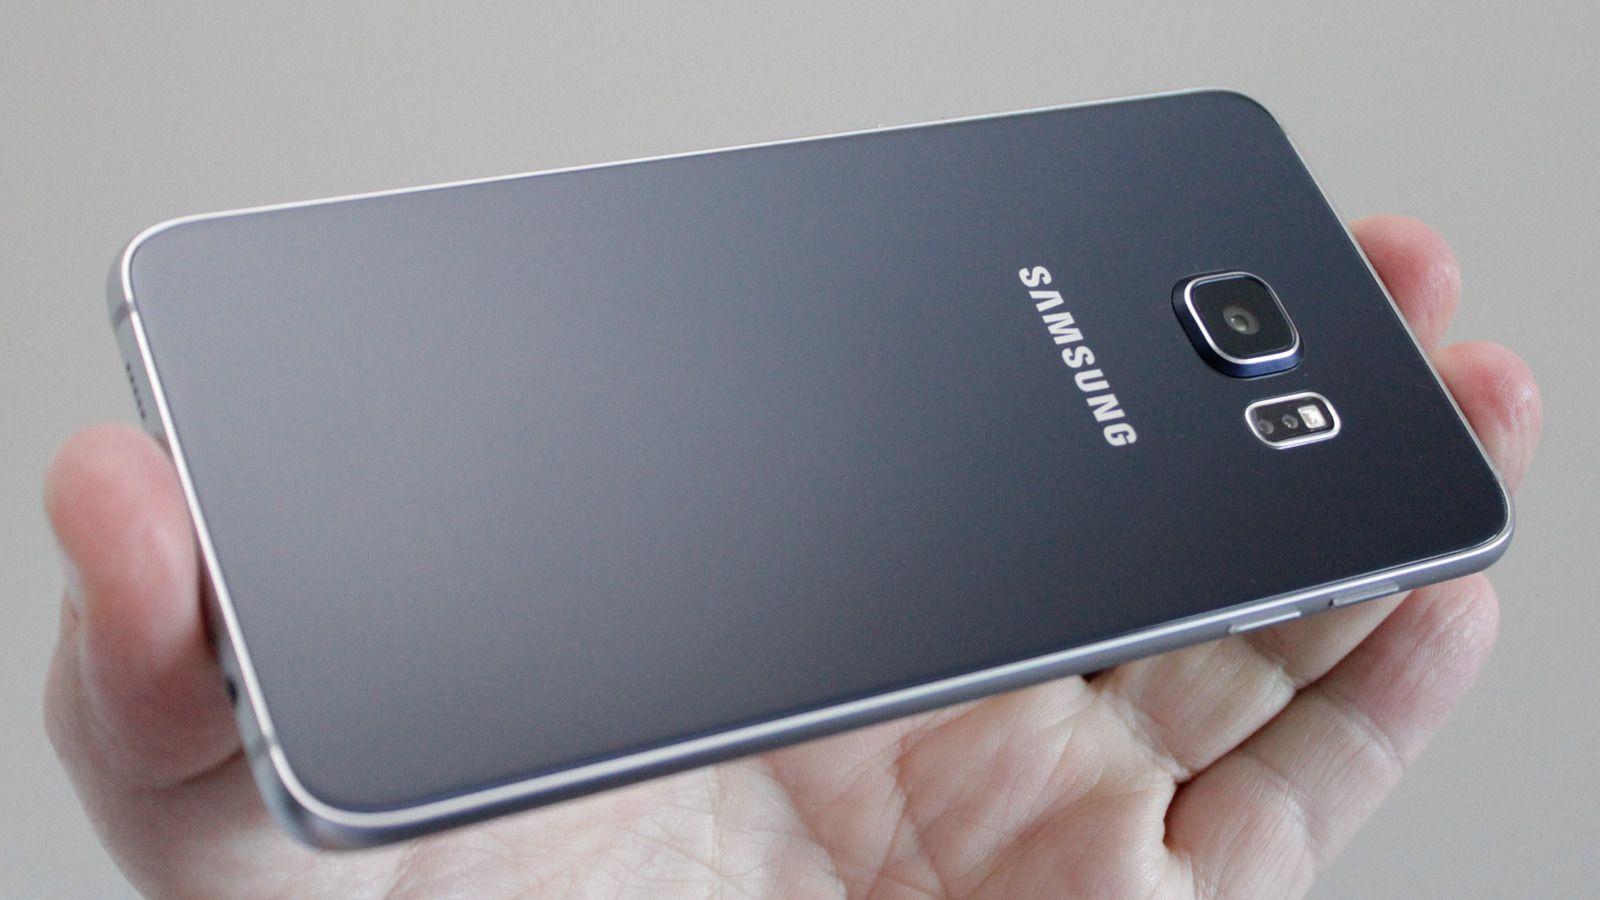 Slik ser Galaxy S6 Edge+ ut. Det er ventet at designen på den nye generasjonen telefoner ikke vil skille seg mye fra dagens. Men minnekortplass skal ha kommet med.